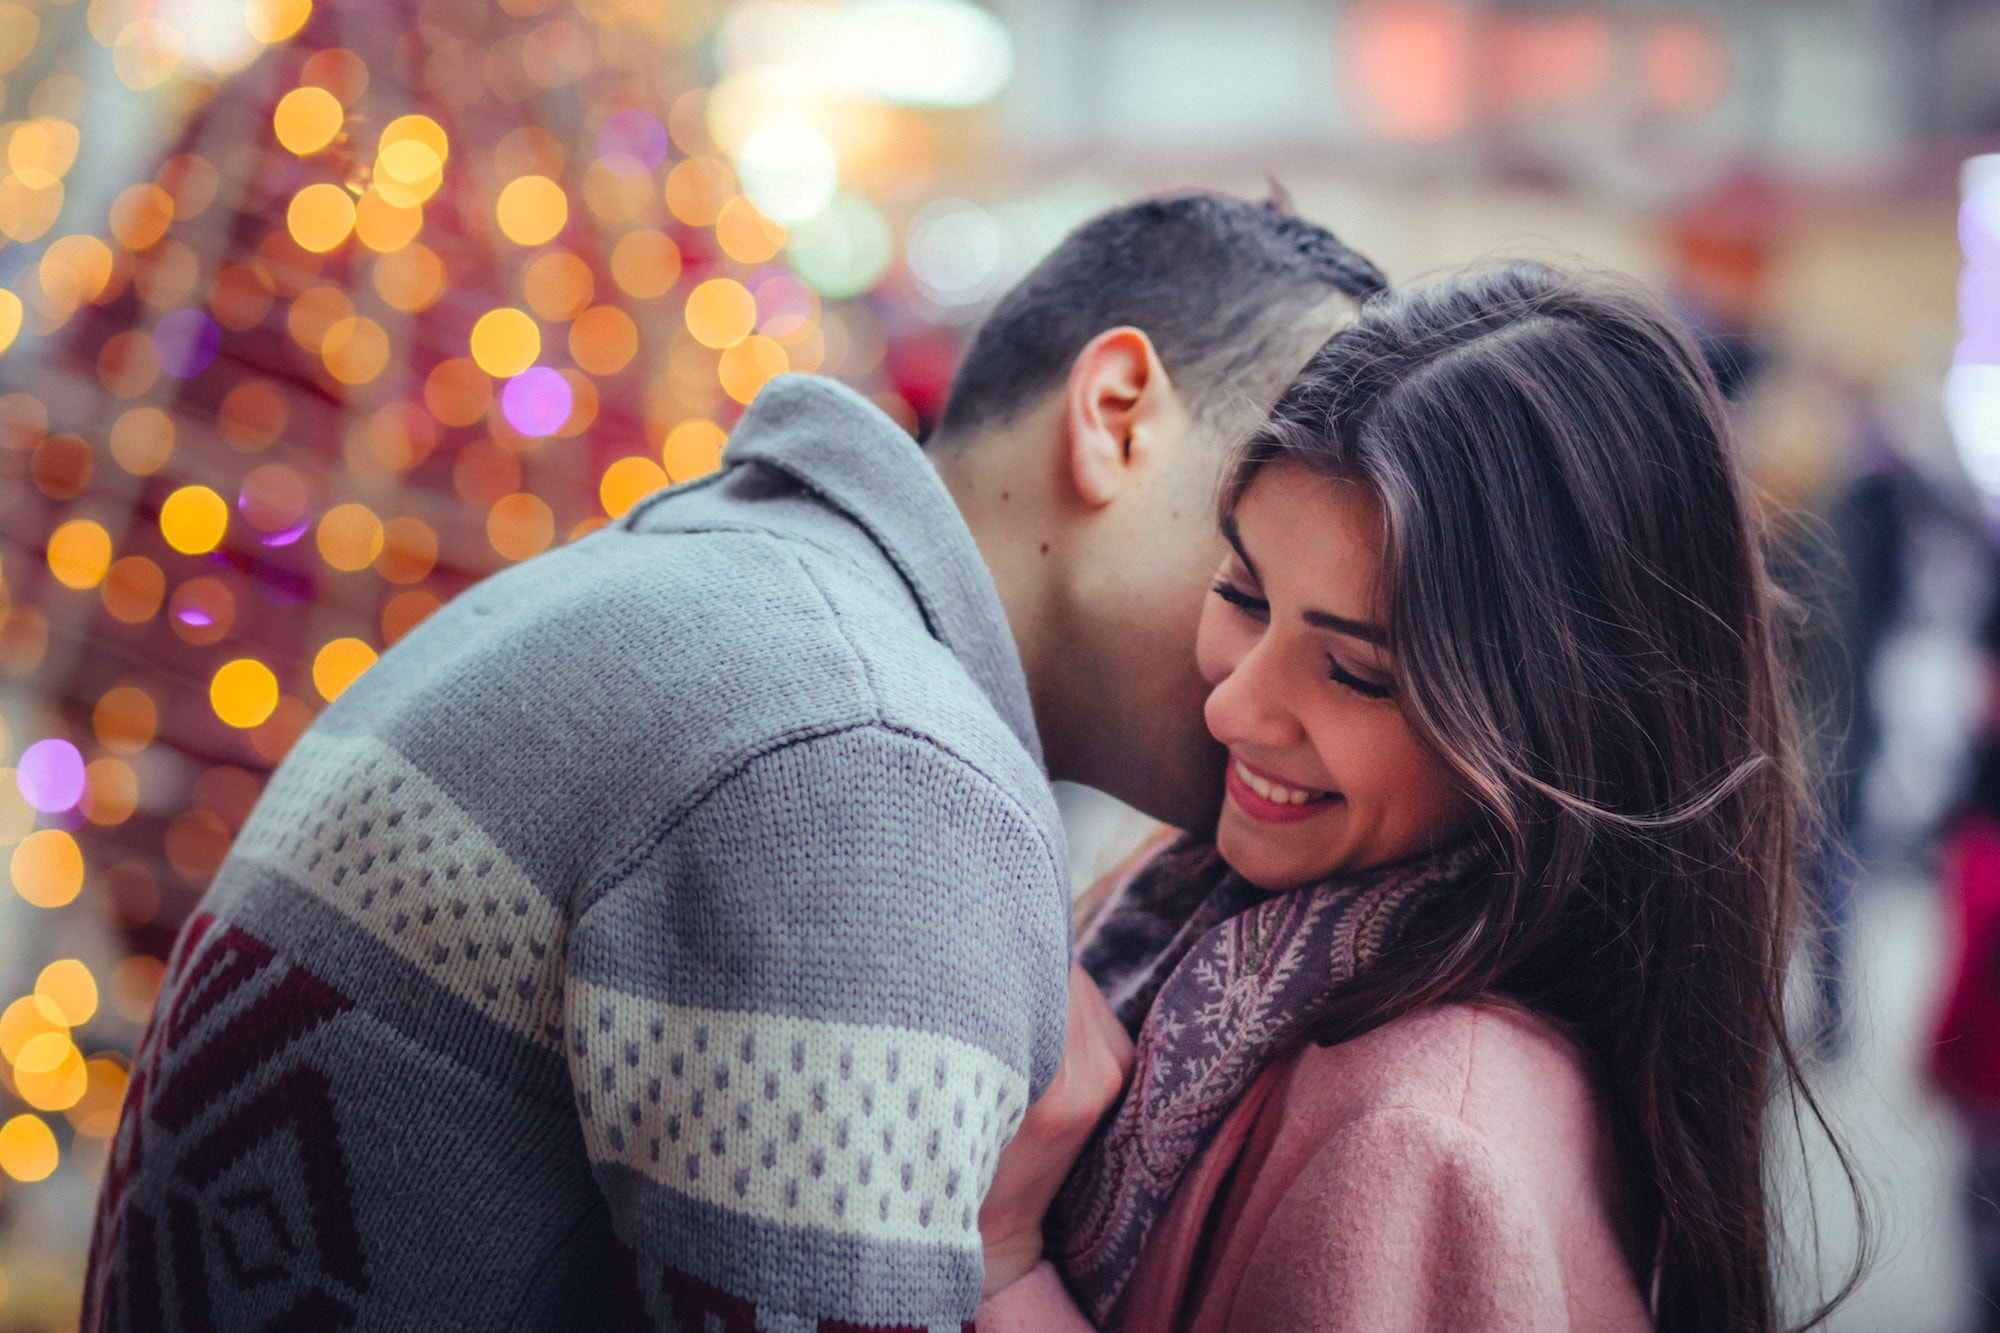 bedst betalte dating sites ireland